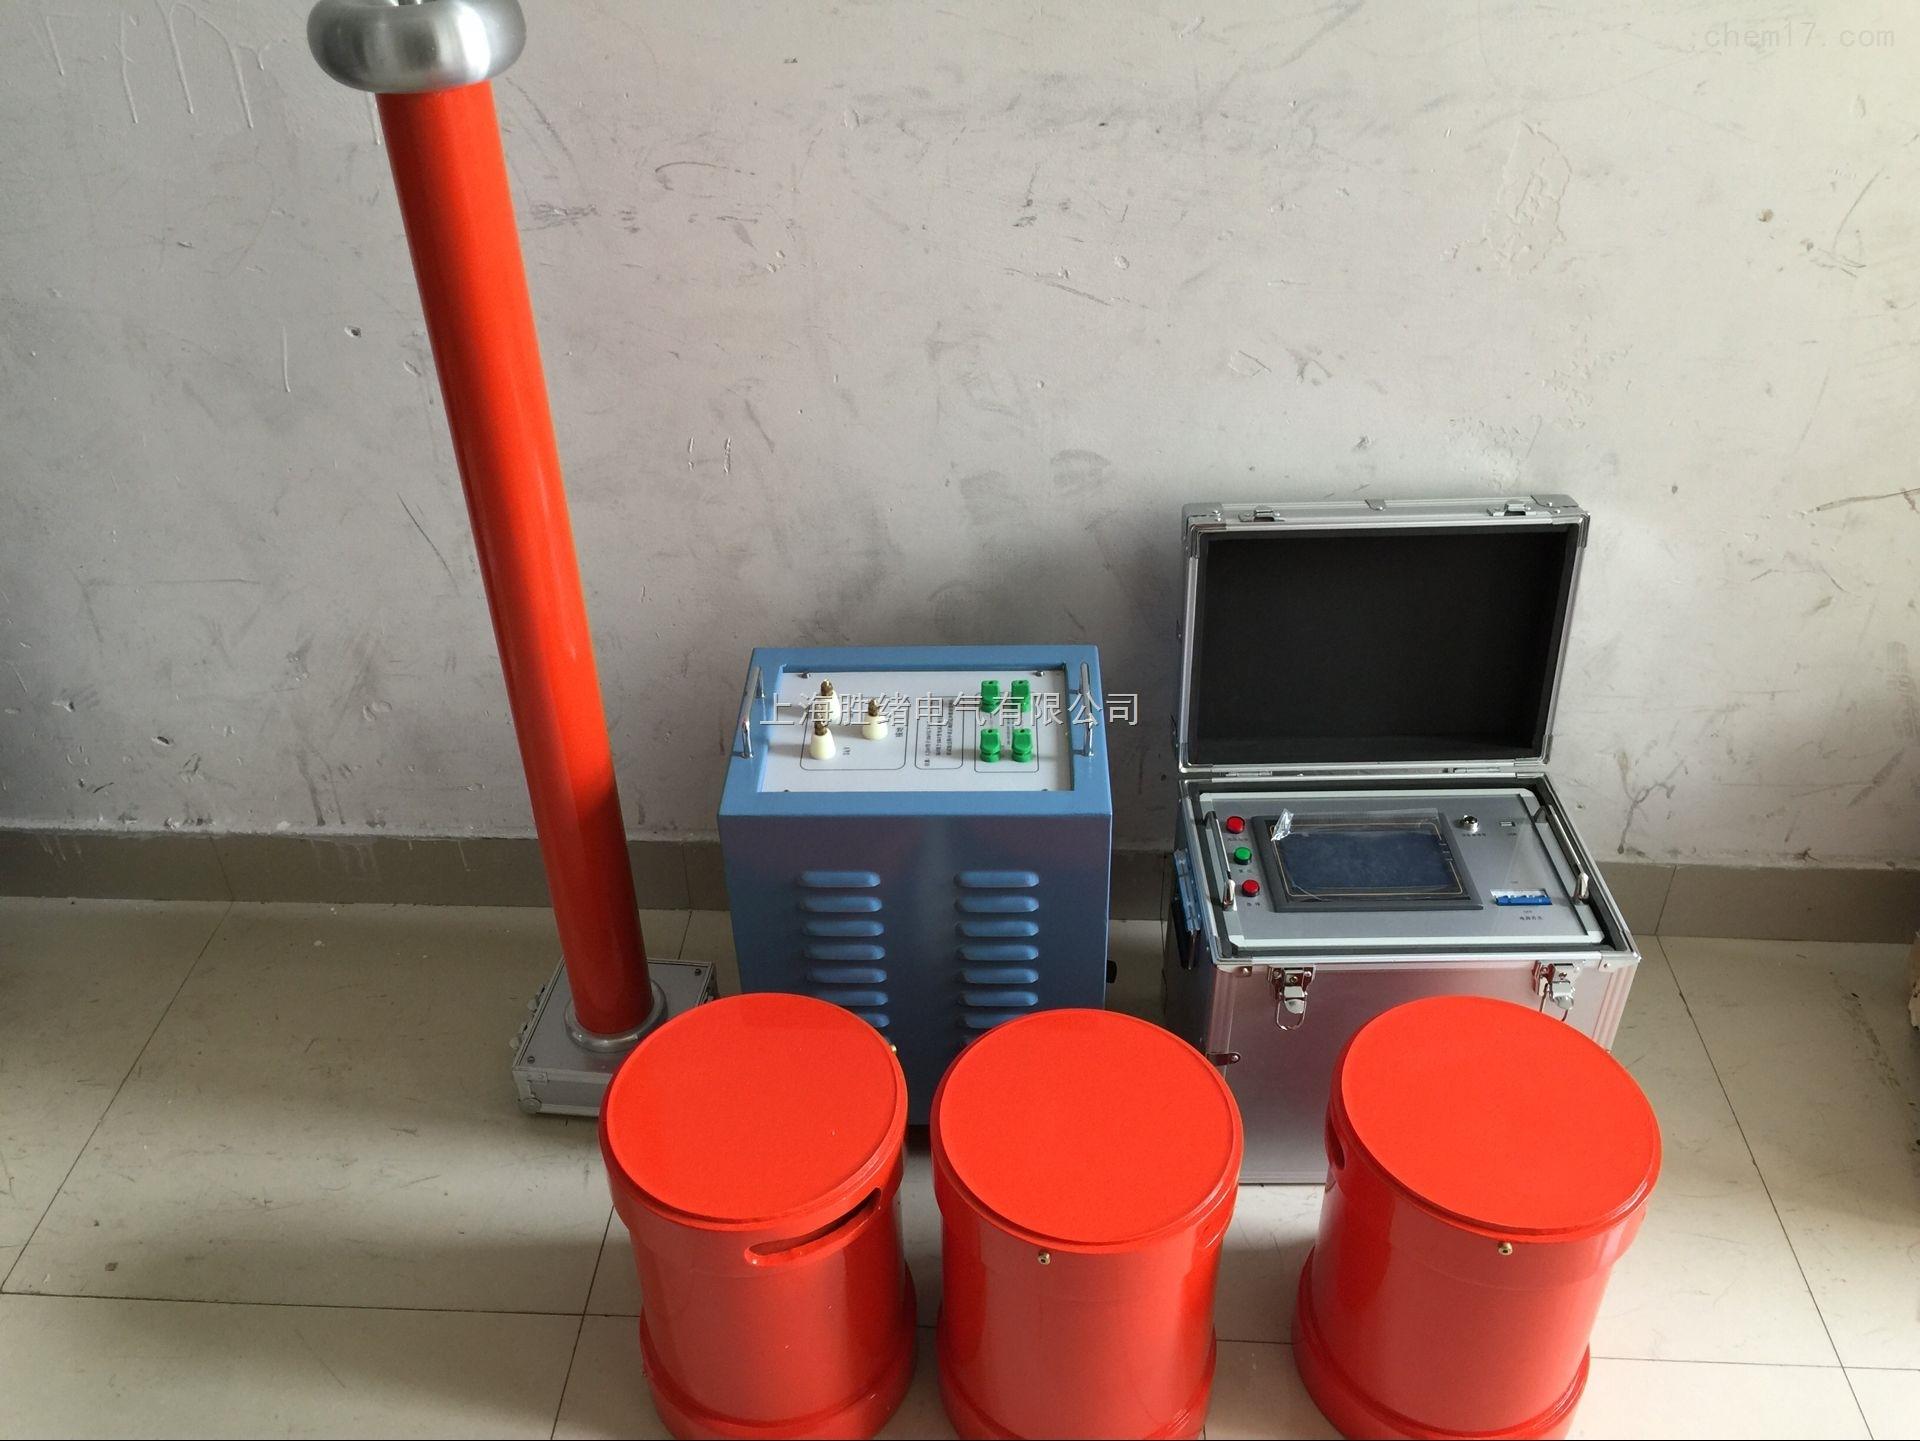 KVTF-44kVA/44kV变频串联谐振耐压试验装置